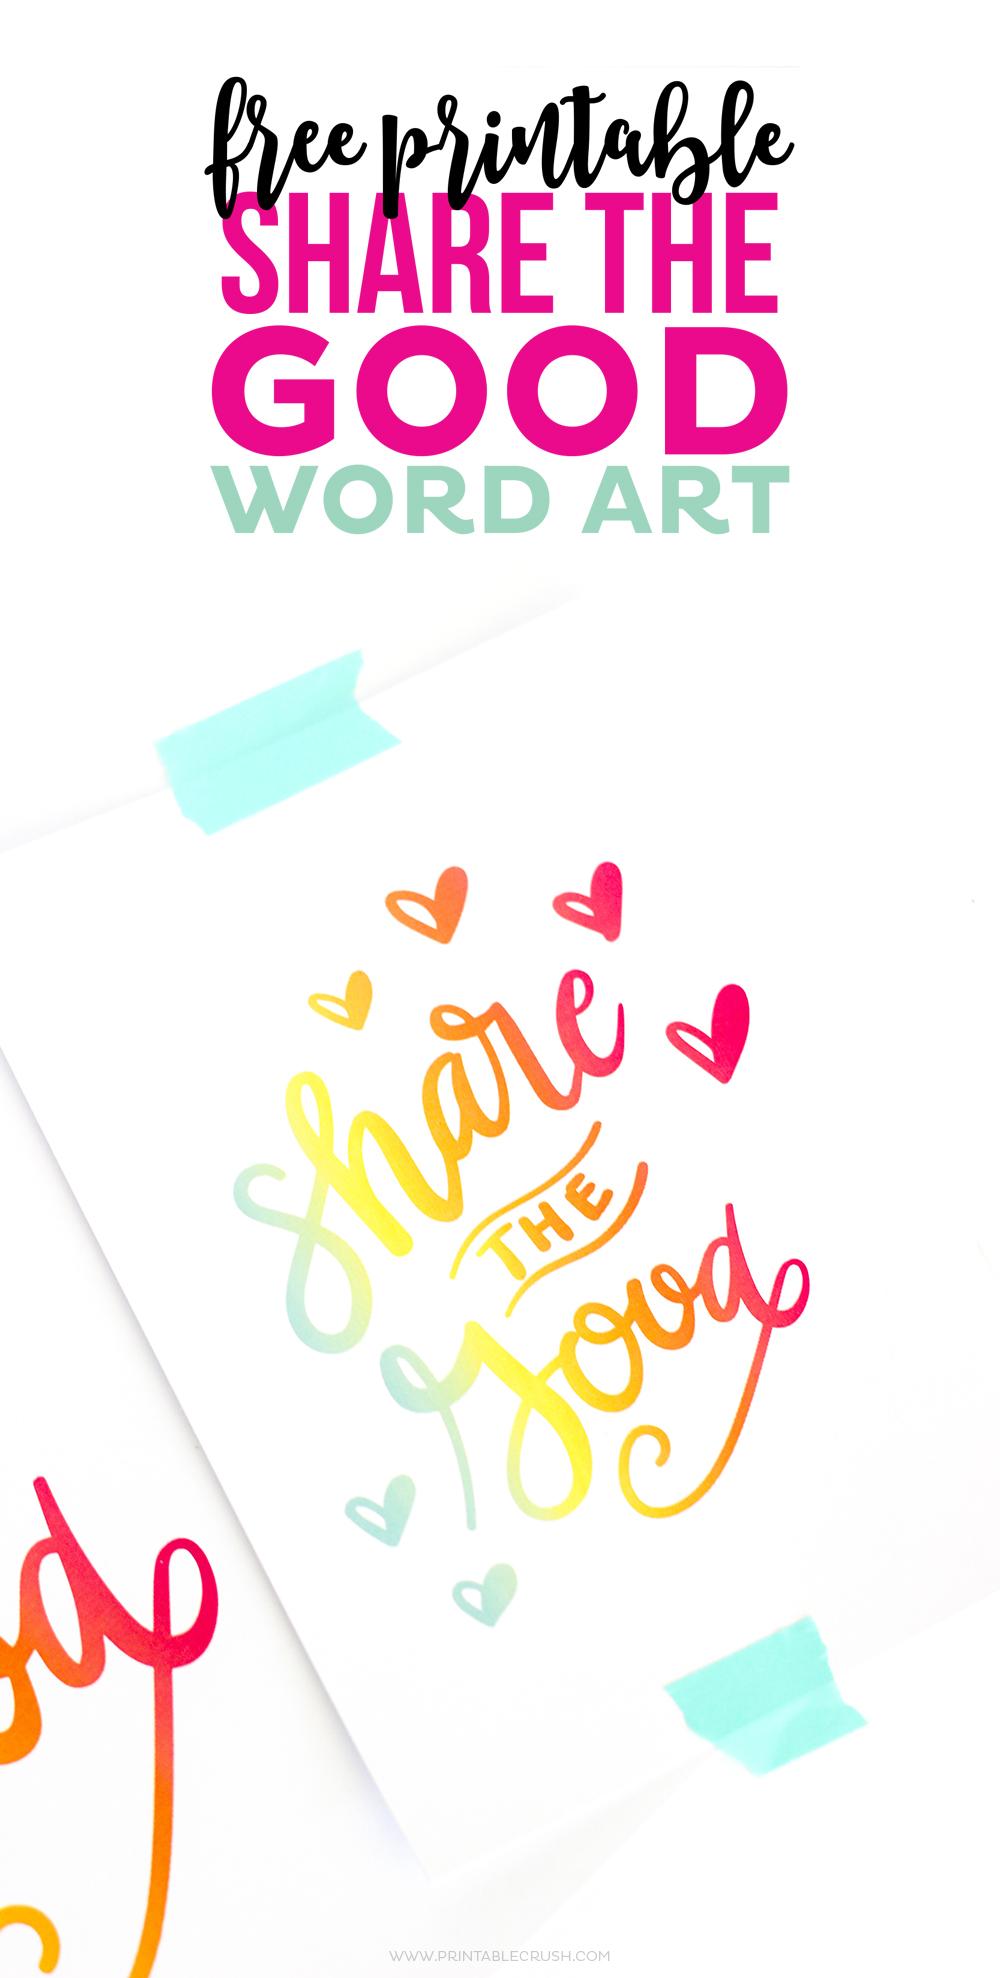 FREE Share the Good Printable Word Art - Printable Crush